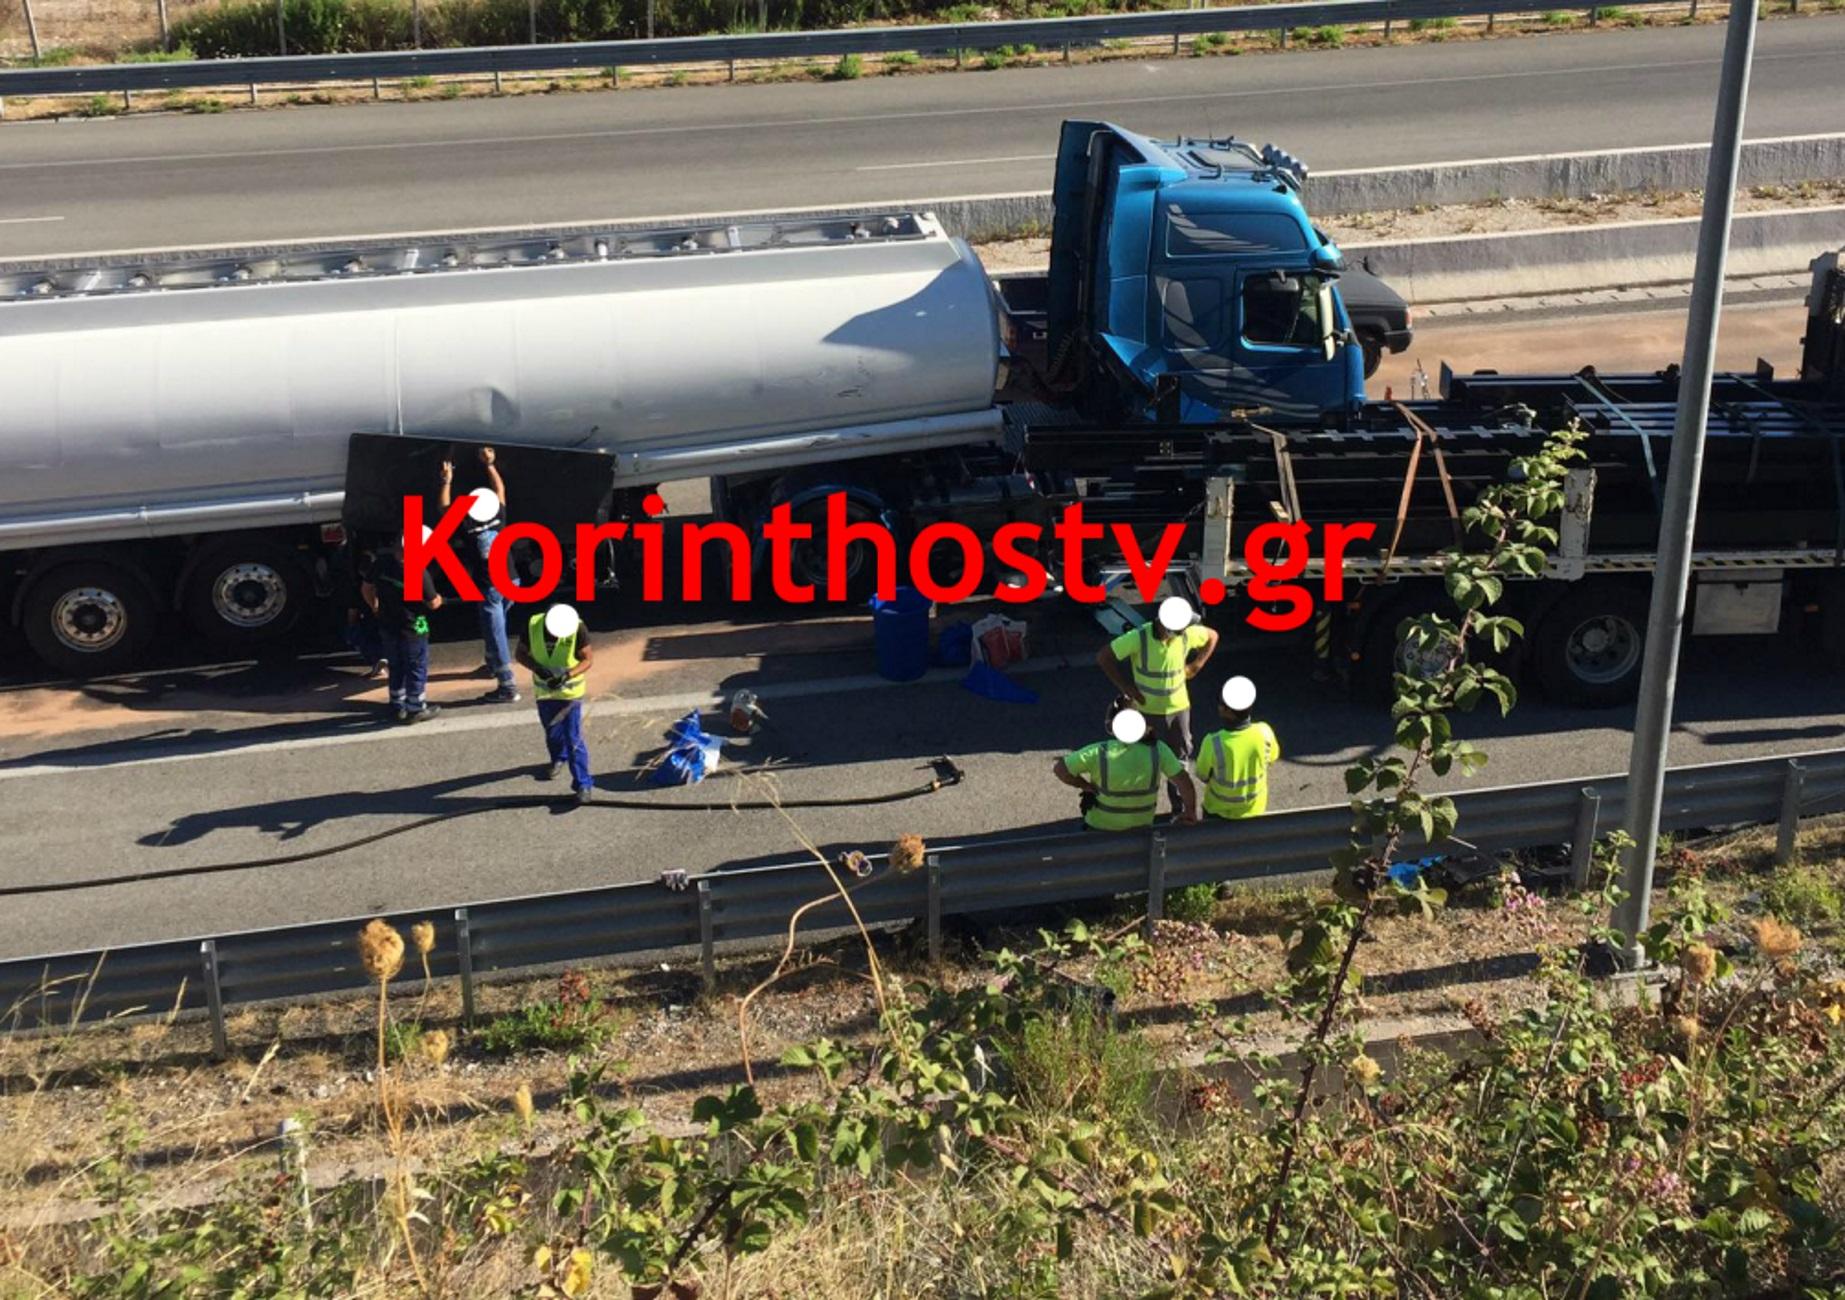 Κόρινθος: Νέο τροχαίο στην εθνική οδό! Ο δρόμος γέμισε πετρέλαιο μετά τη σύγκρουση φορτηγού με βυτιοφόρο (Βίντεο)